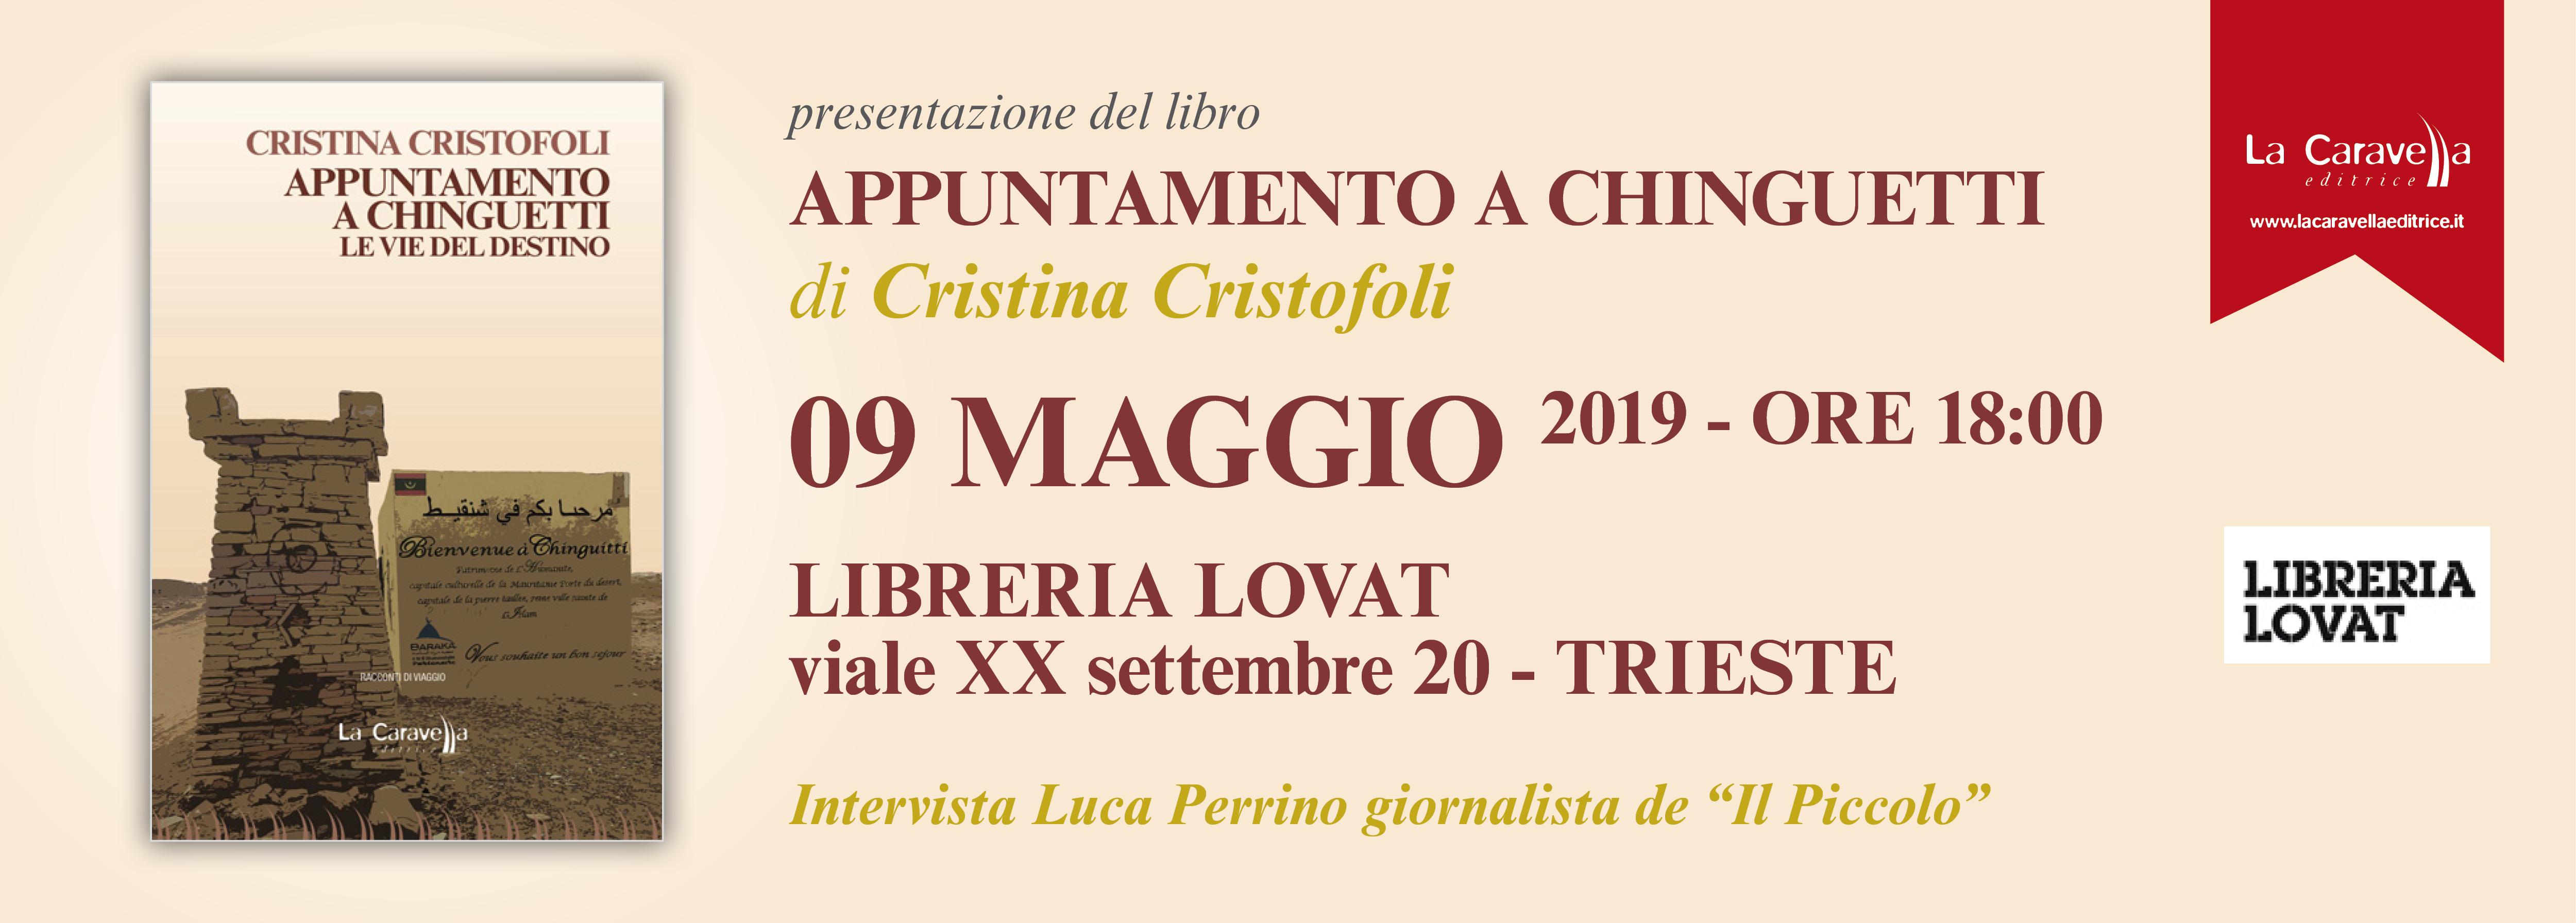 Cristina Cristofoli – 09 Maggio 2019 Trieste